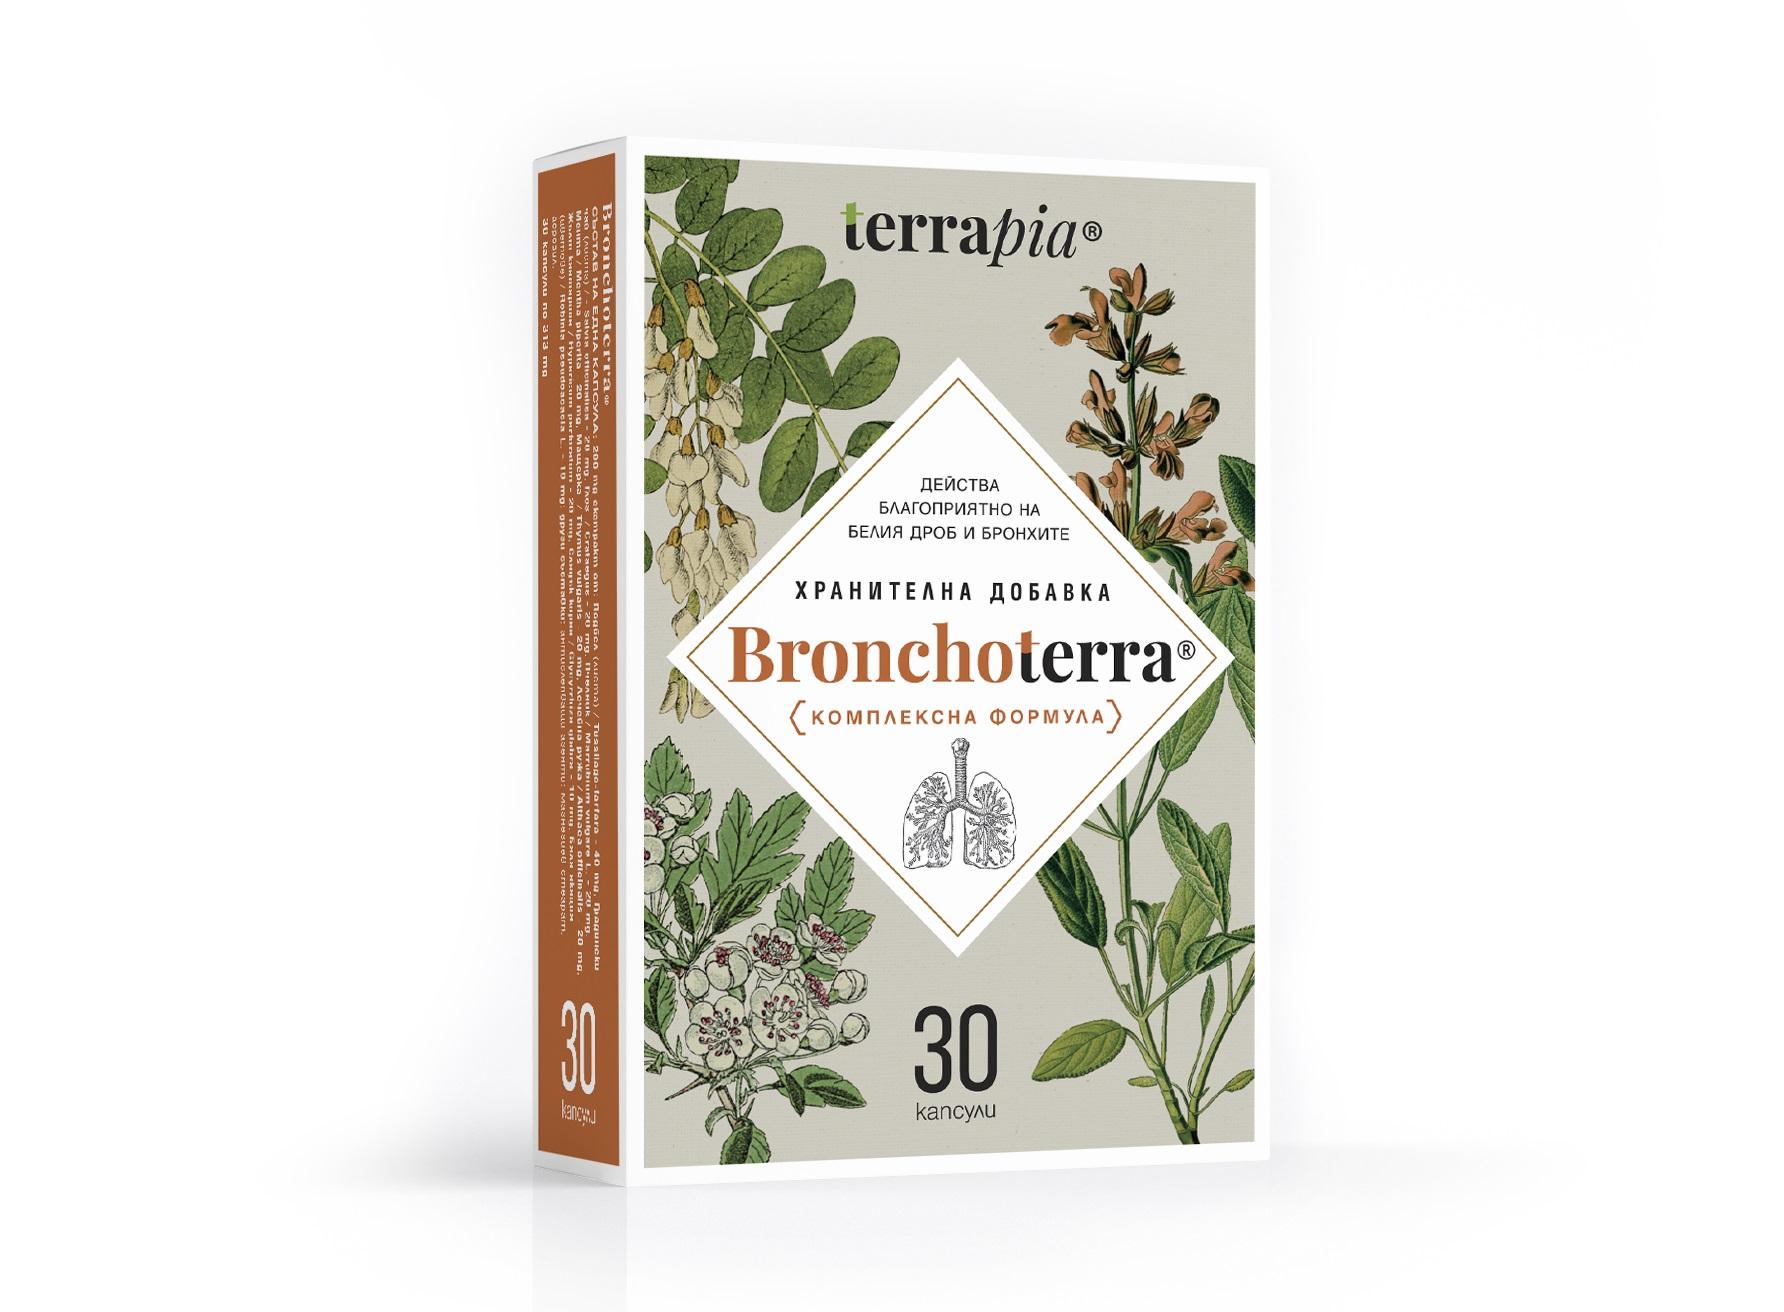 Описание на Бронхотера / Bronchoterra х30 каспули - Terrapia:     Бронхотера / Bronchoterra х30 каспули на Terrapia е биоактивна комплексна формула, която спомага за преодоляване на възпалителните процеси на белия дроб и бронхите. Препоръчва се при следните показания: при възпалителни заболявания на горните дихателни пътища - бронхит, кашлица, възпалено гърло; при оплаквания, свързани с дишането - астма, сенна хрема, задух; за превенция на респираторния тракт в случай на предразположеност към възпаления през зимния сезон. Предлага се в удобна опаковка от 30 капсули по 313 mg.  Действие на Бронхотера:  ► Стимулира защитните сили на организма при борба с инфекции и възпаления на дихателната система; ► За успокояване на раздразнения на бял дроб и бронхи; ► Антисептичен ефект; ► Отхрачващо и противовъзпалително действие.     Състав на Бронхотера / Bronchoterra х30 каспули - Terrapia:     Активни съставки в една капсула: 200 mg комбиниран eкстракт от: Подбел (листа) - 40 mg, Градински чай (листа) - 20 mg, Глог - 20 mg, Пчелник - 20 mg, Мента - 20 mg, Мащерка - 20 mg, Лечебна ружа - 20 mg, Жълт кантарион - 20 mg, Сладък корен - 10 mg, Бяла акация (цветове) - 10 mg.